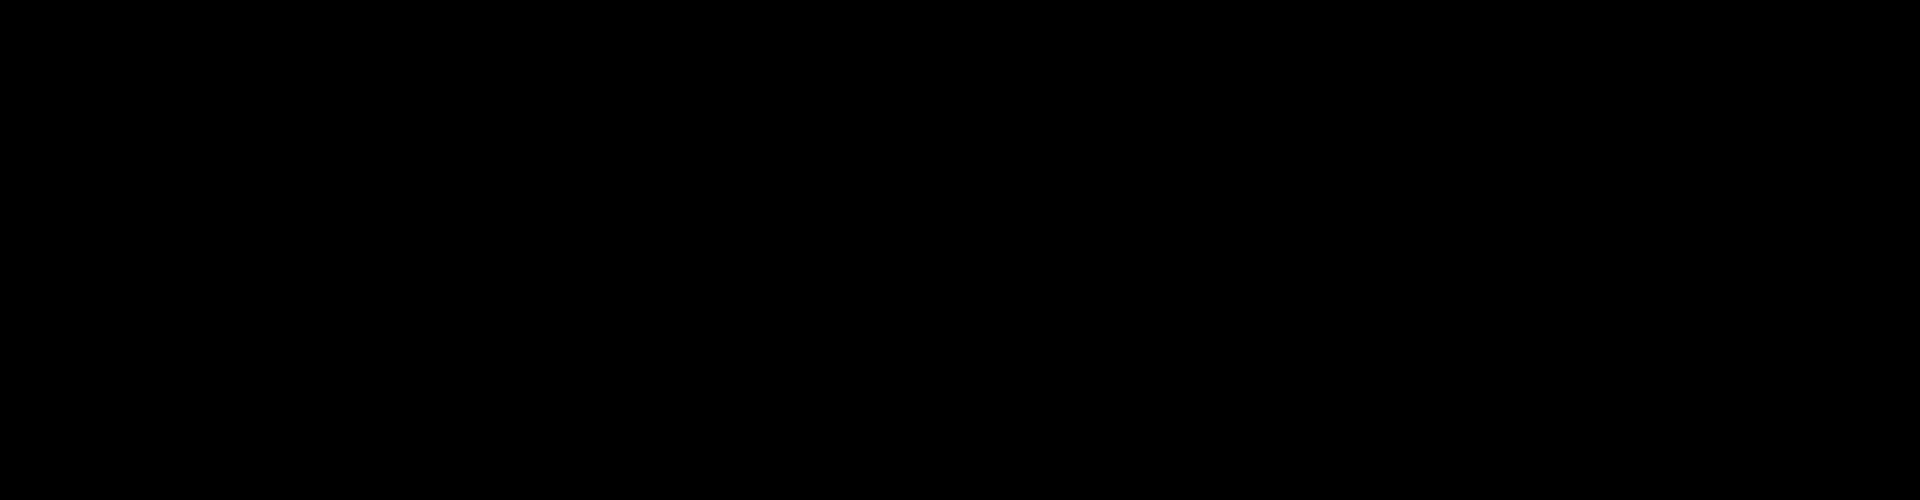 Vollständig schwarzer Hintergrund